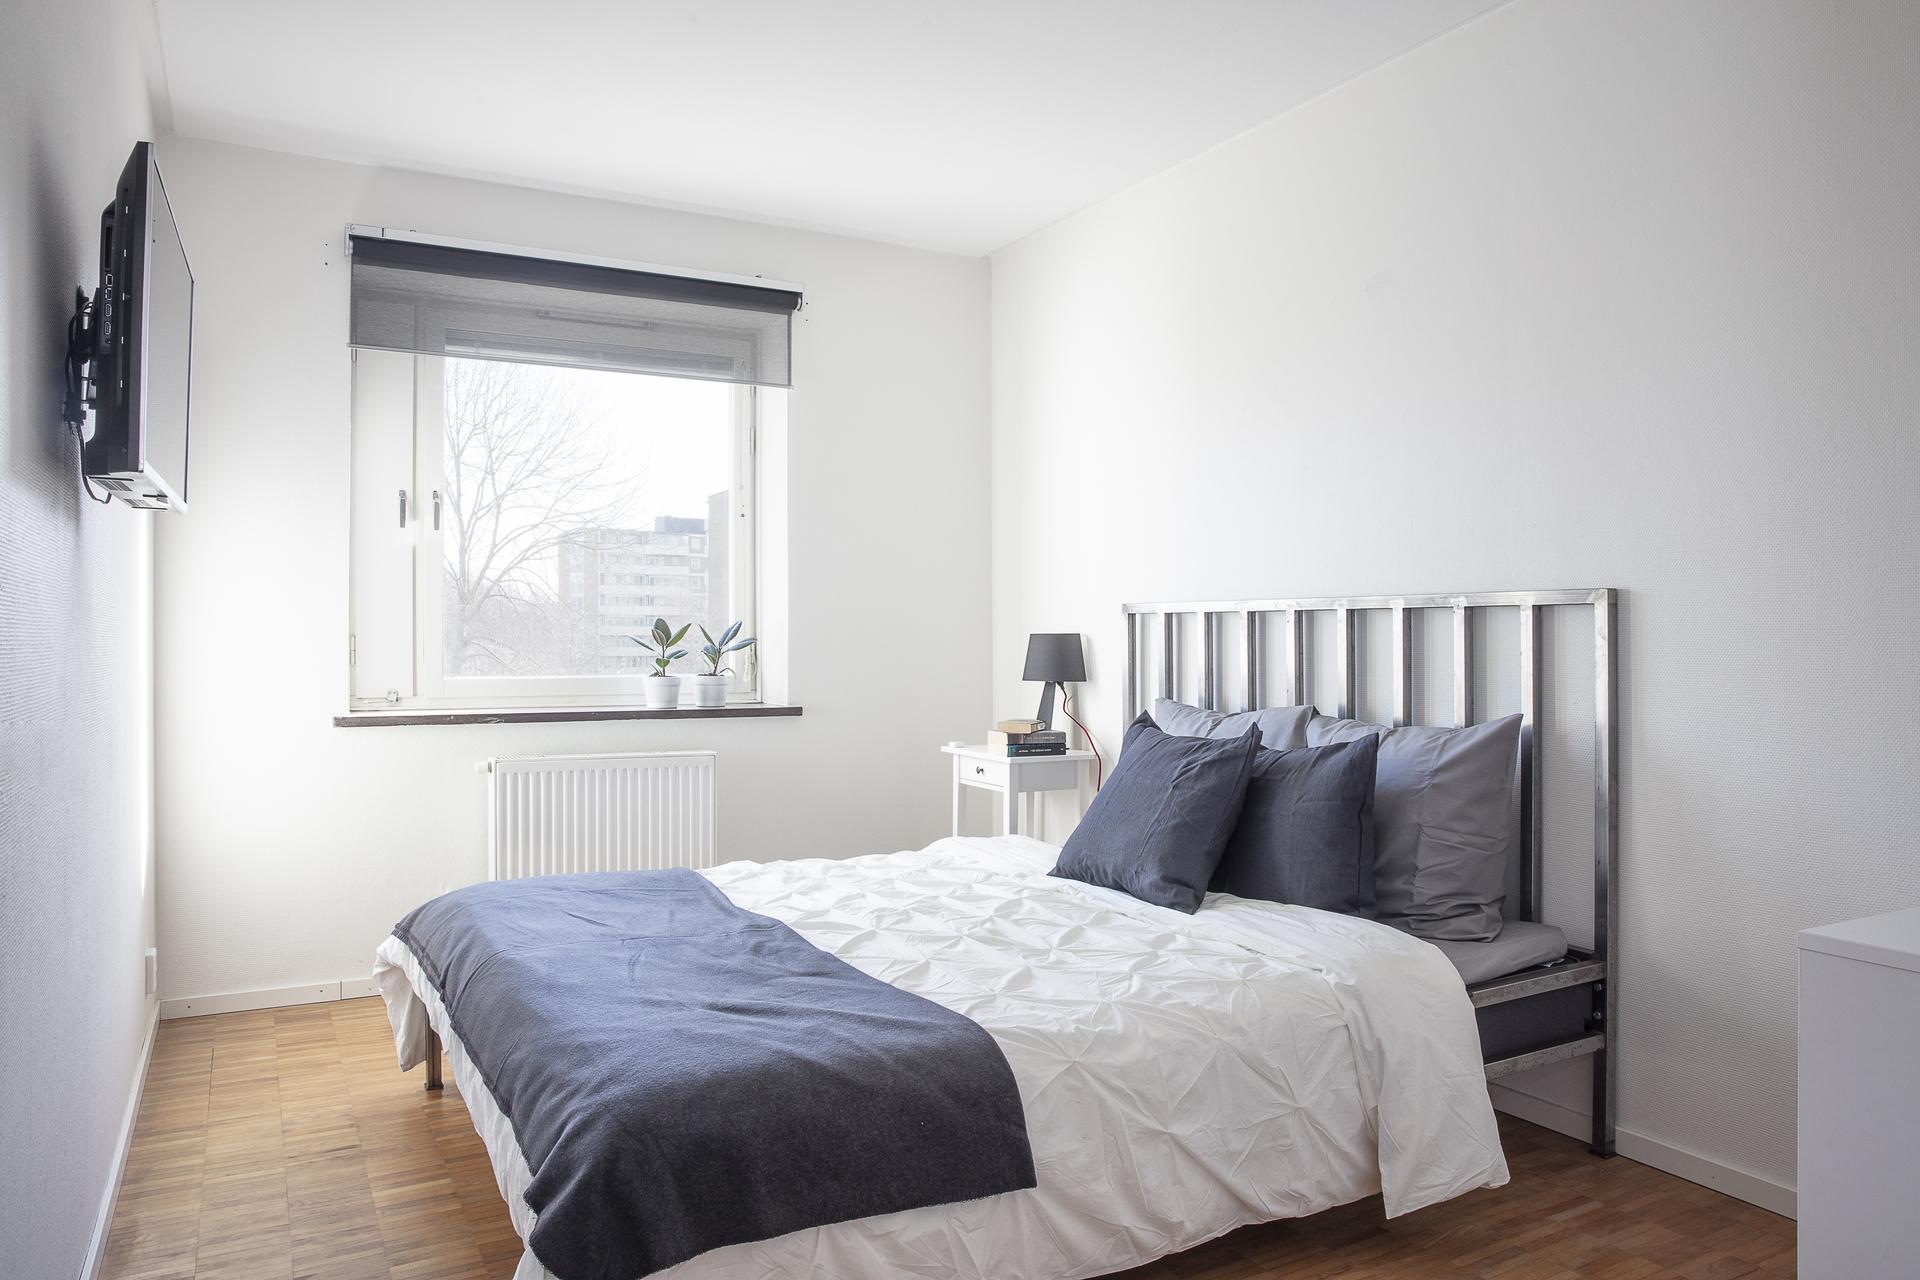 Sovrummet har rum för både dubbelsäng och förvaringsmöbler